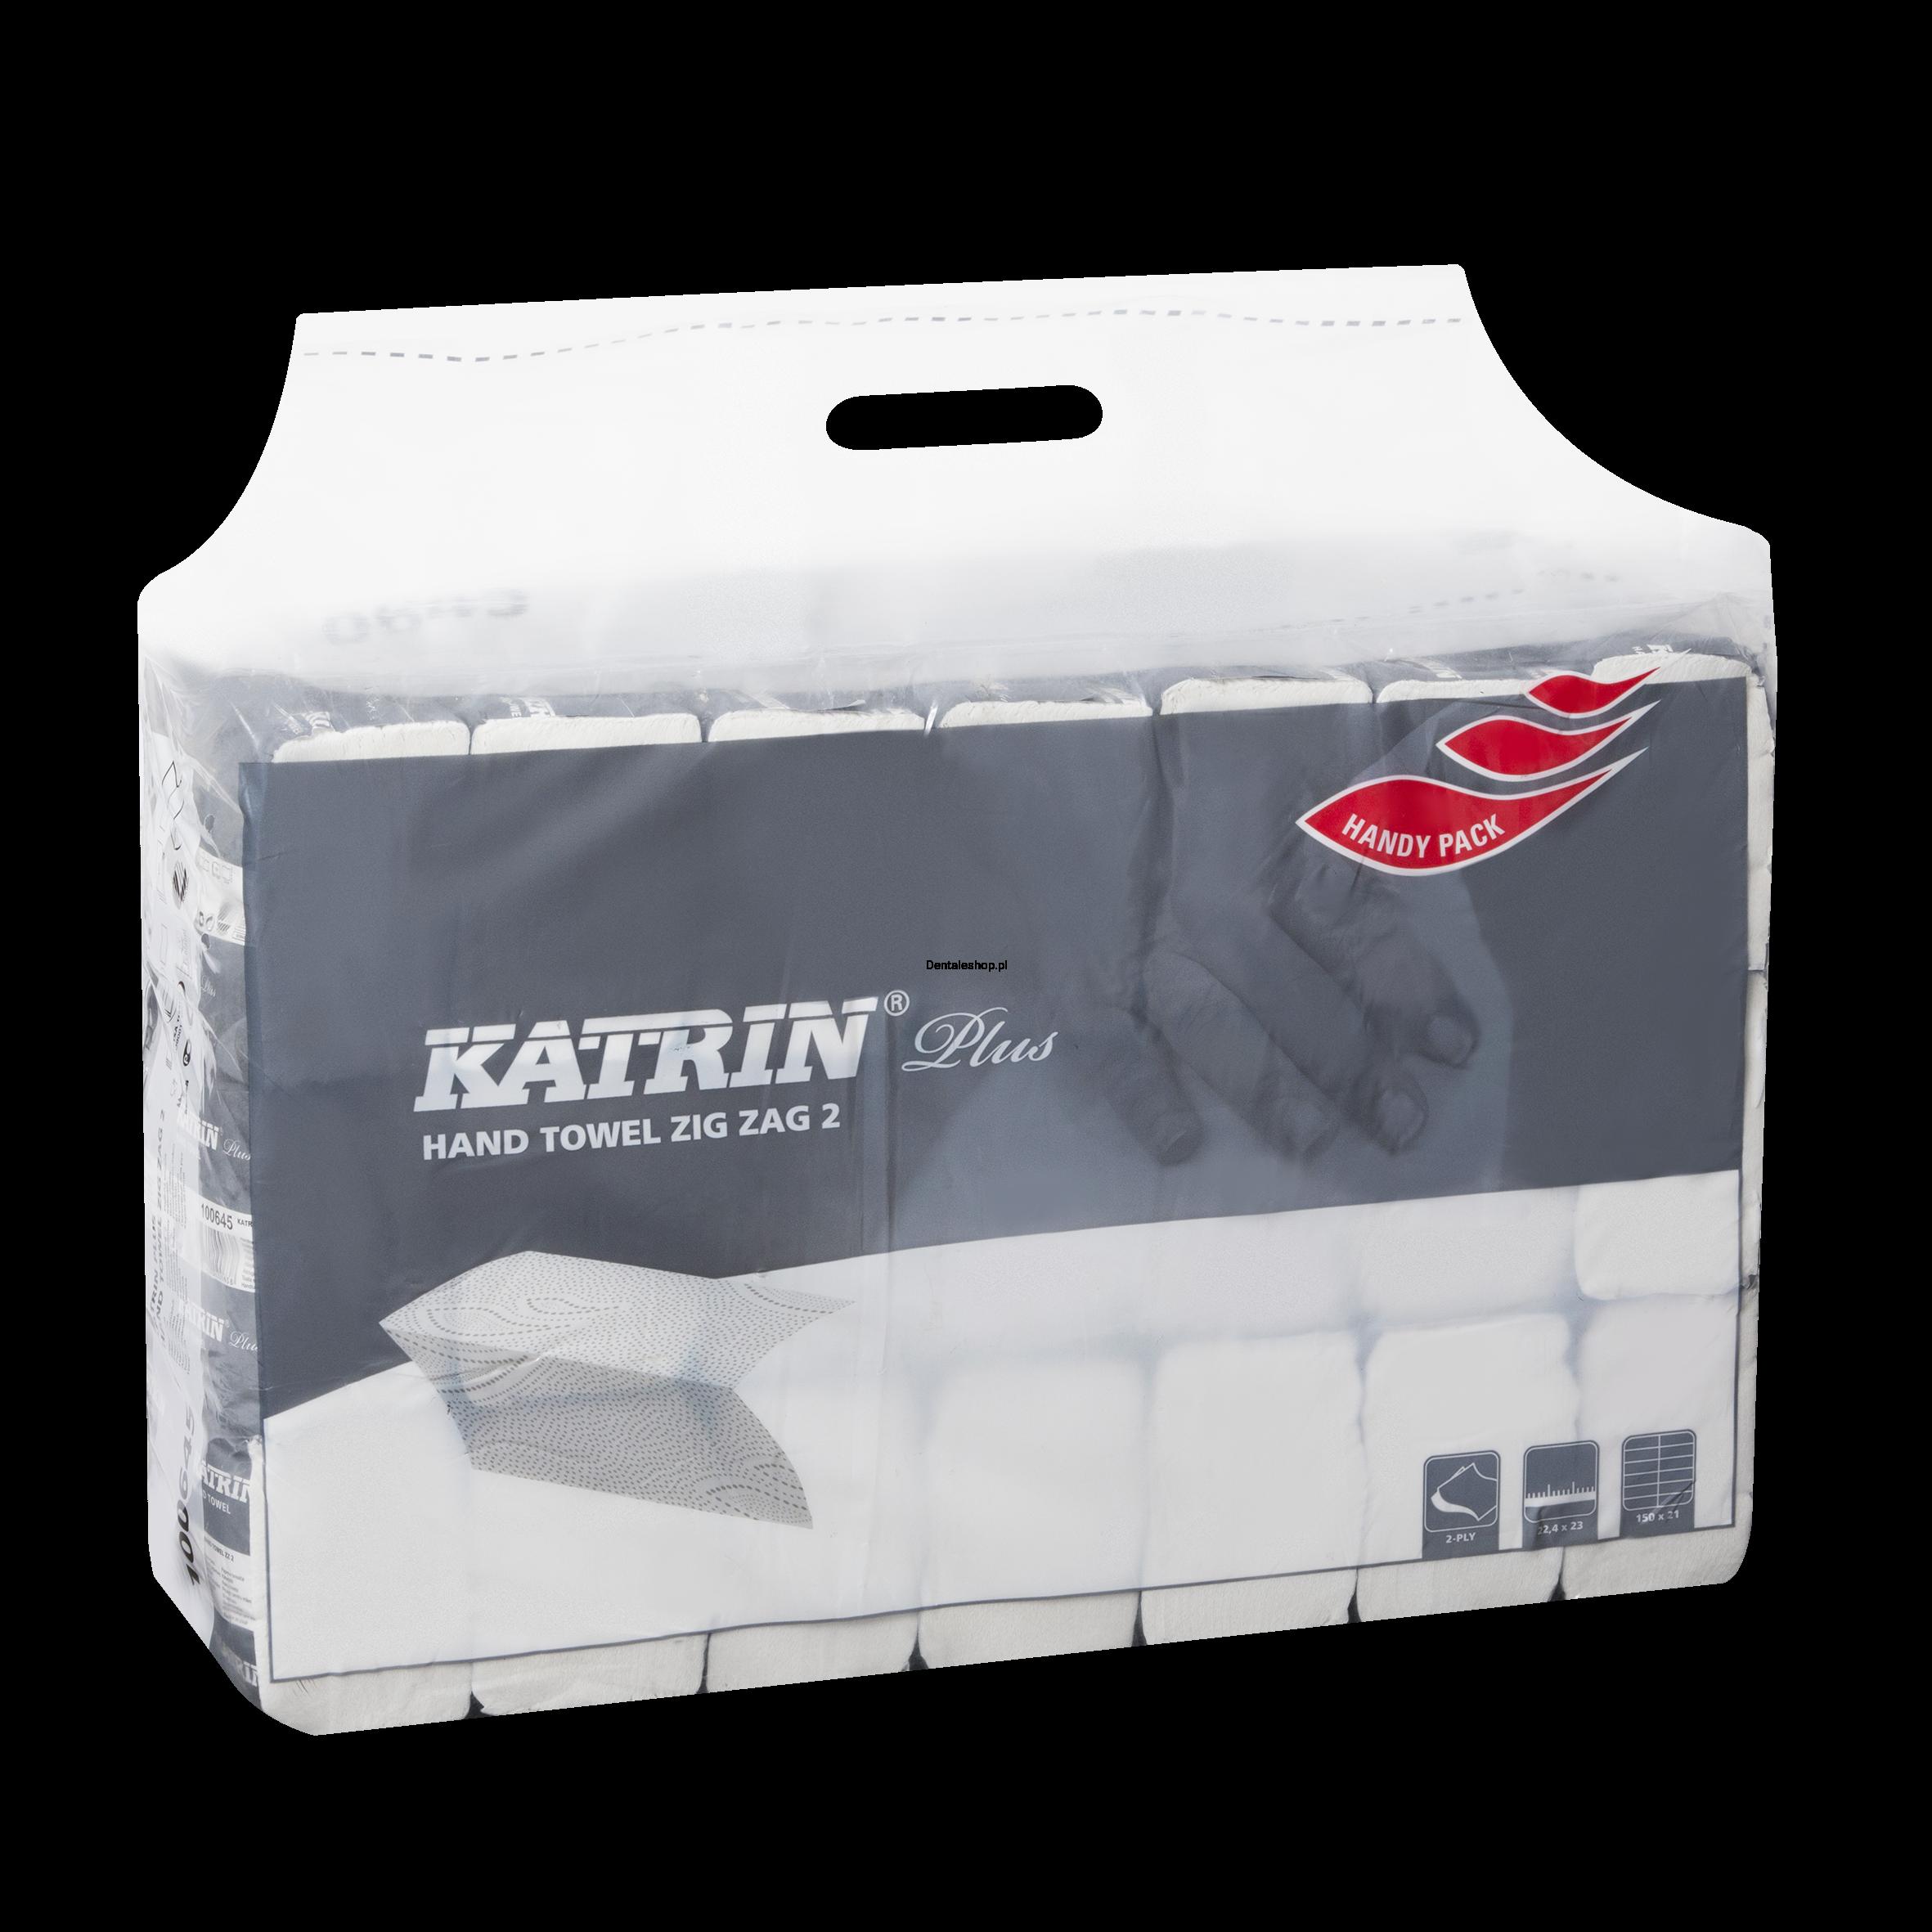 ba19a468 Ręczniki papierowe Katrin Plus ZZ Handy Pack 20x 200szt.